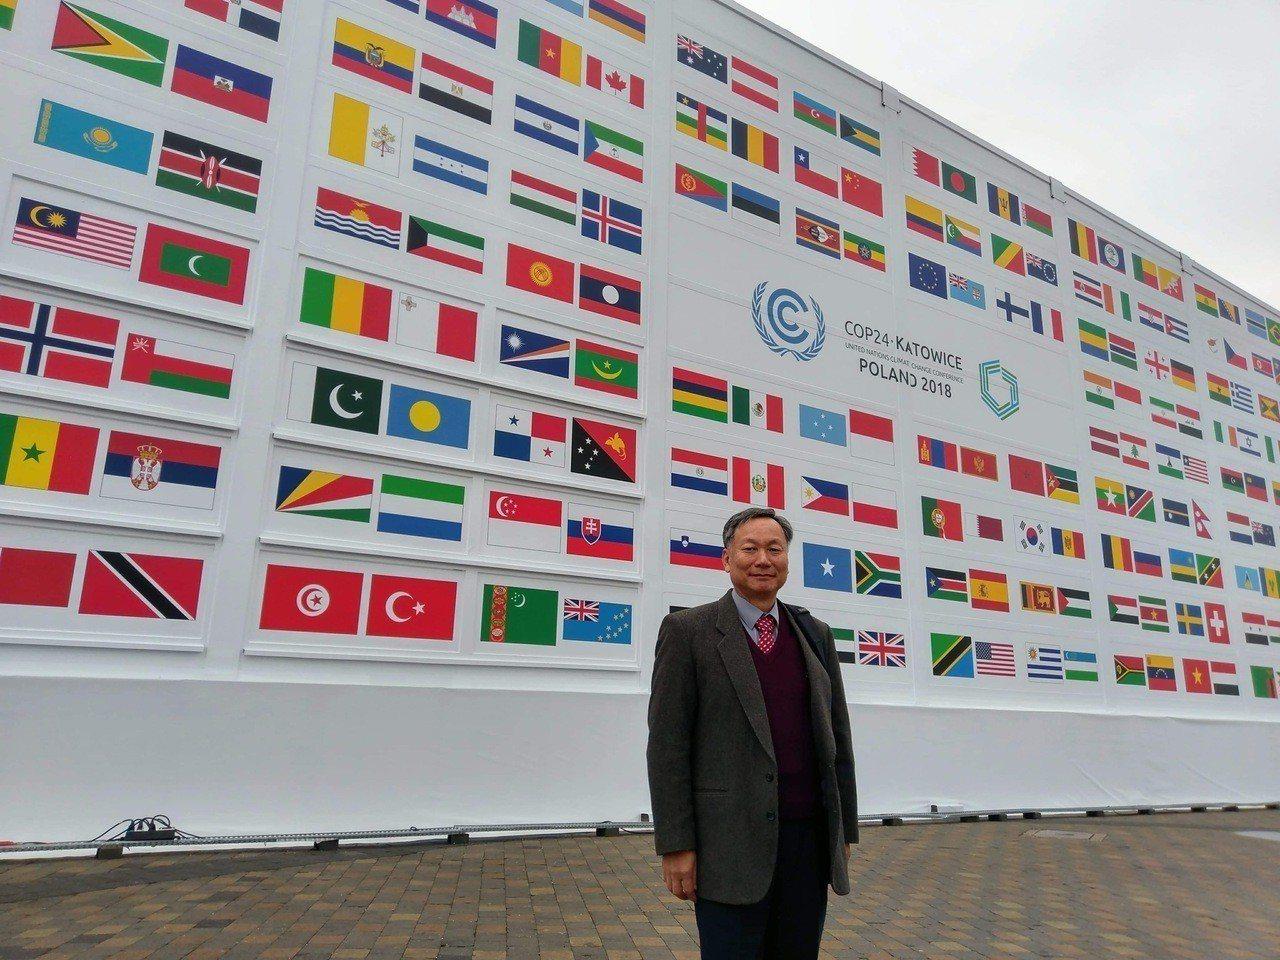 中央氣象局副局長鄭明典,本周到波蘭參加聯合國氣候峰會。圖/鄭明典提供